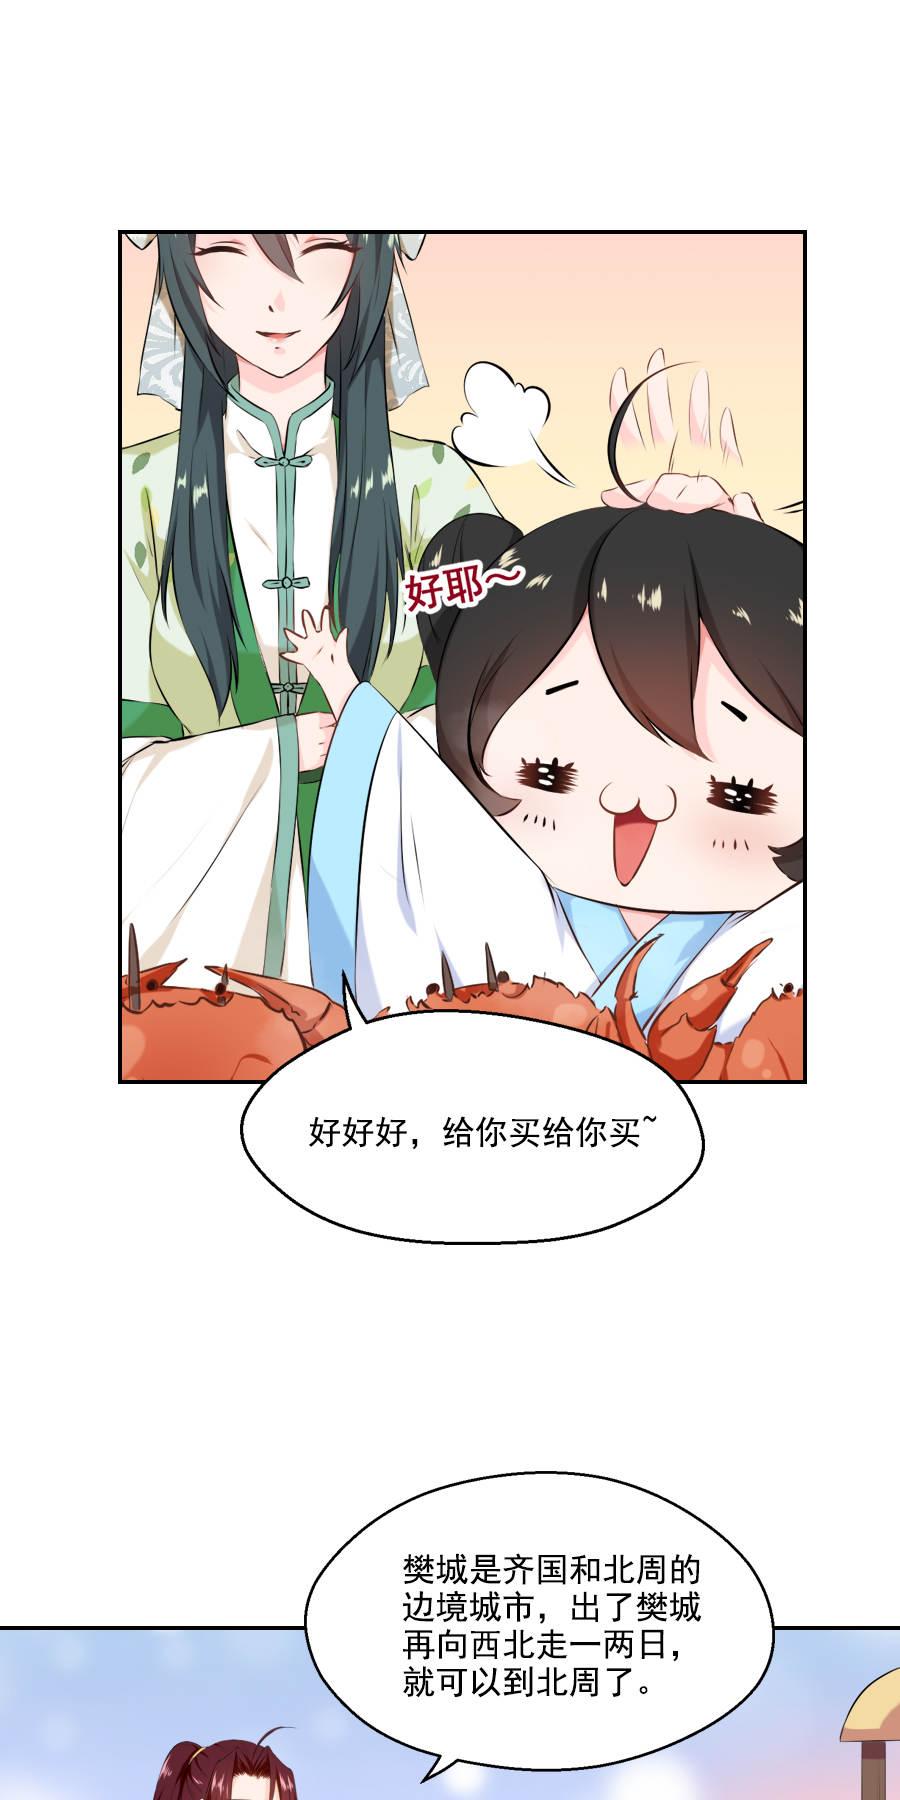 盛世帝王妃第27话  吃蟹蟹  + 时尚教主活动 第 7